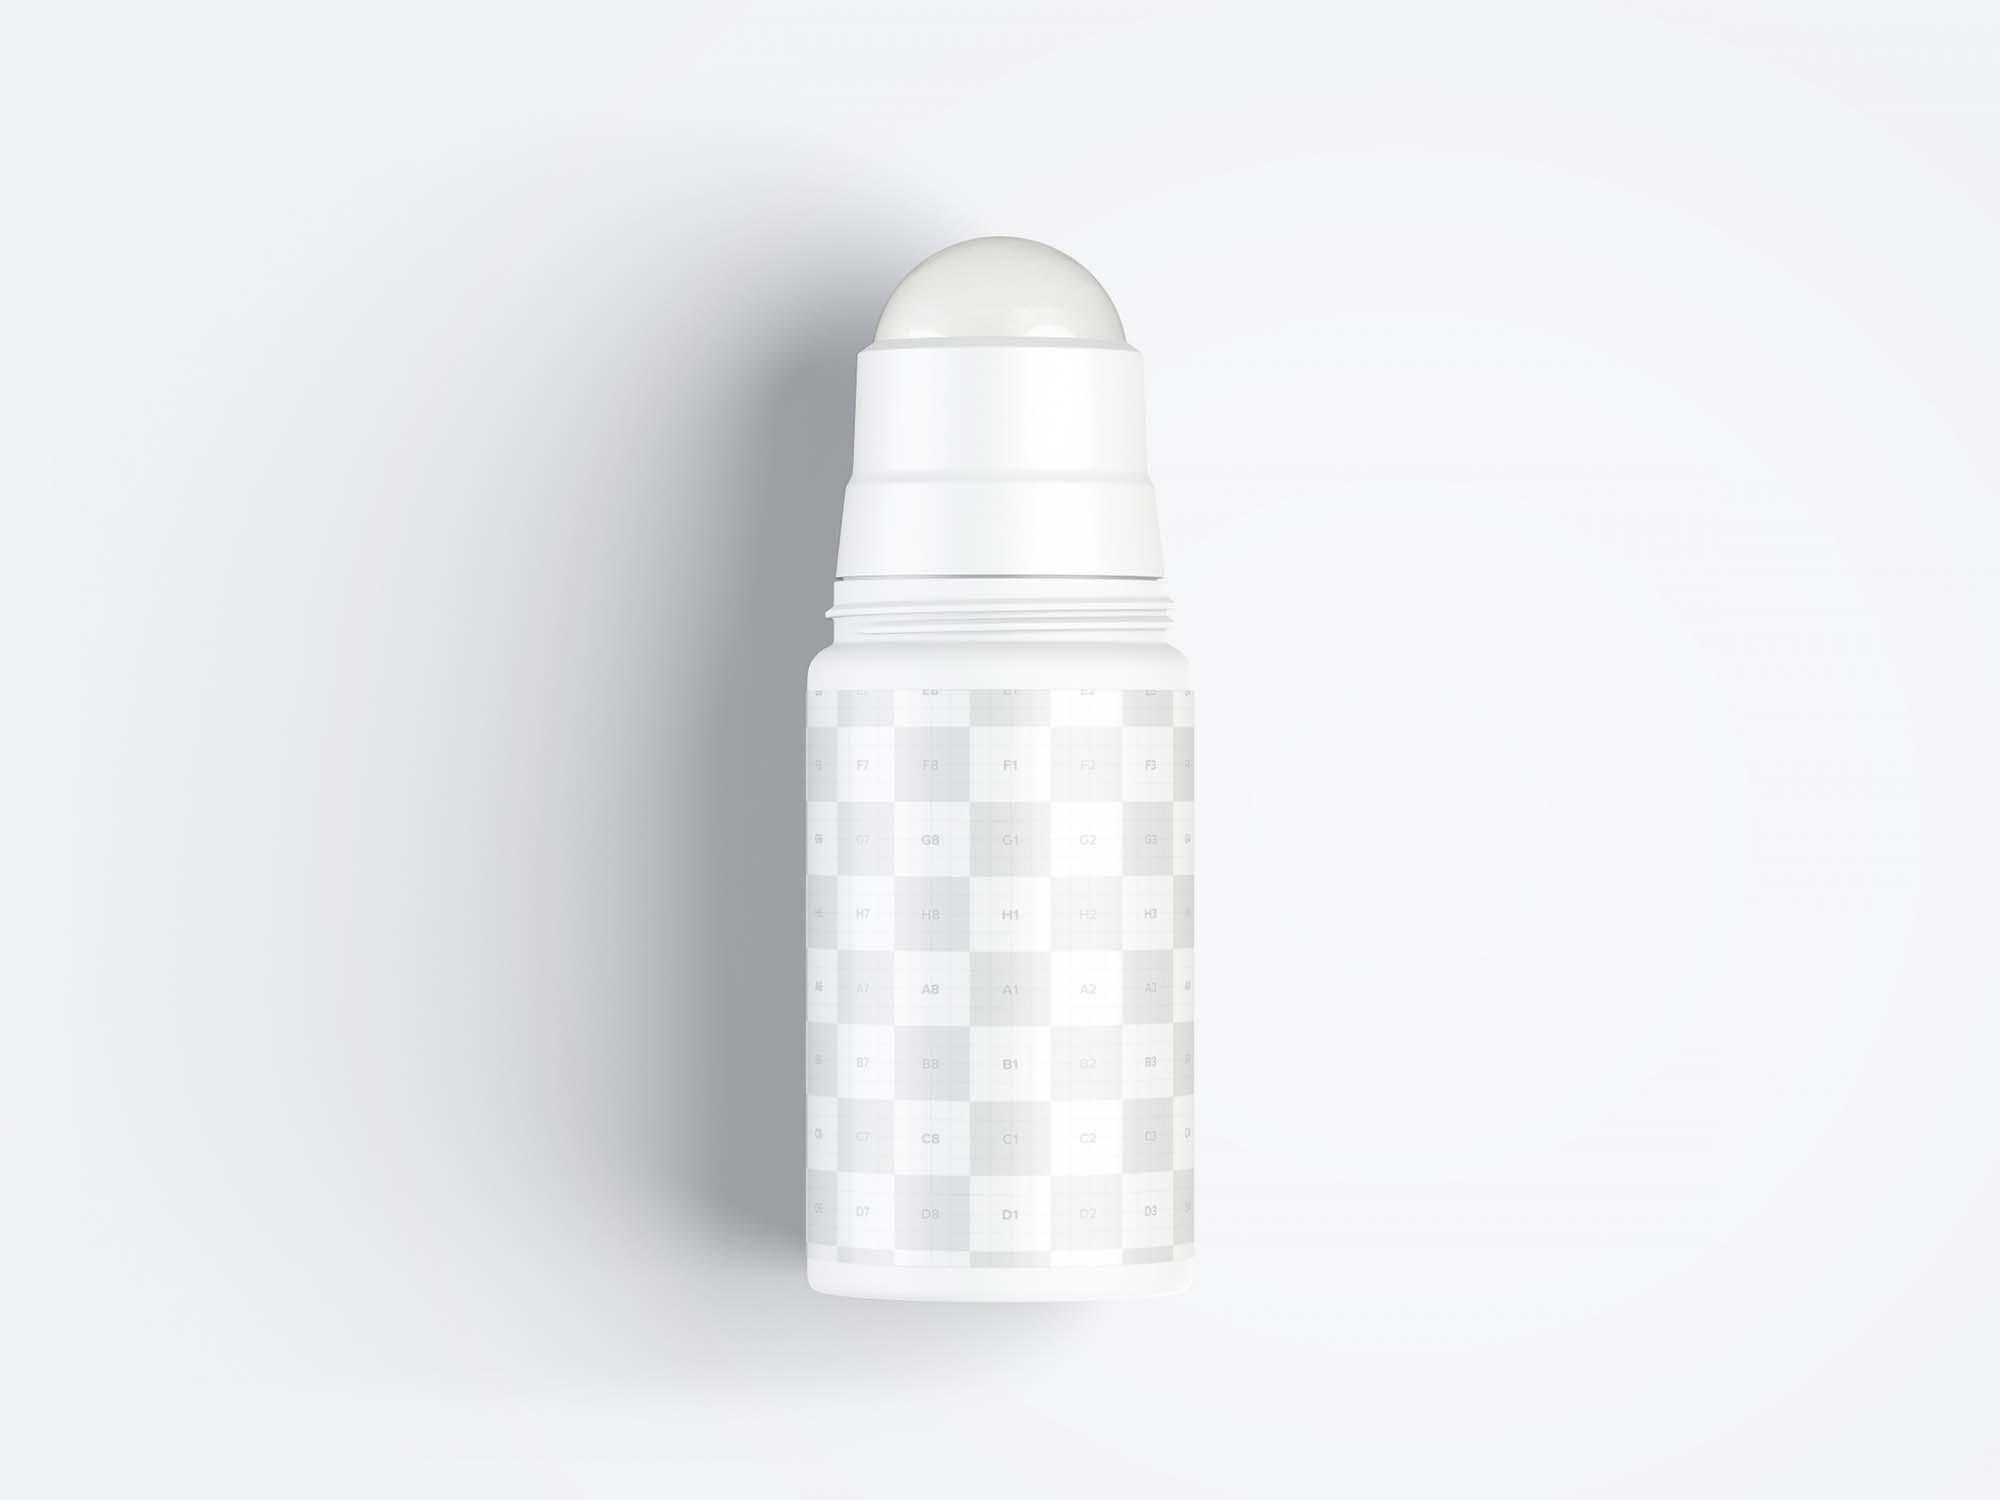 Roll-On Bottle Mockup 2